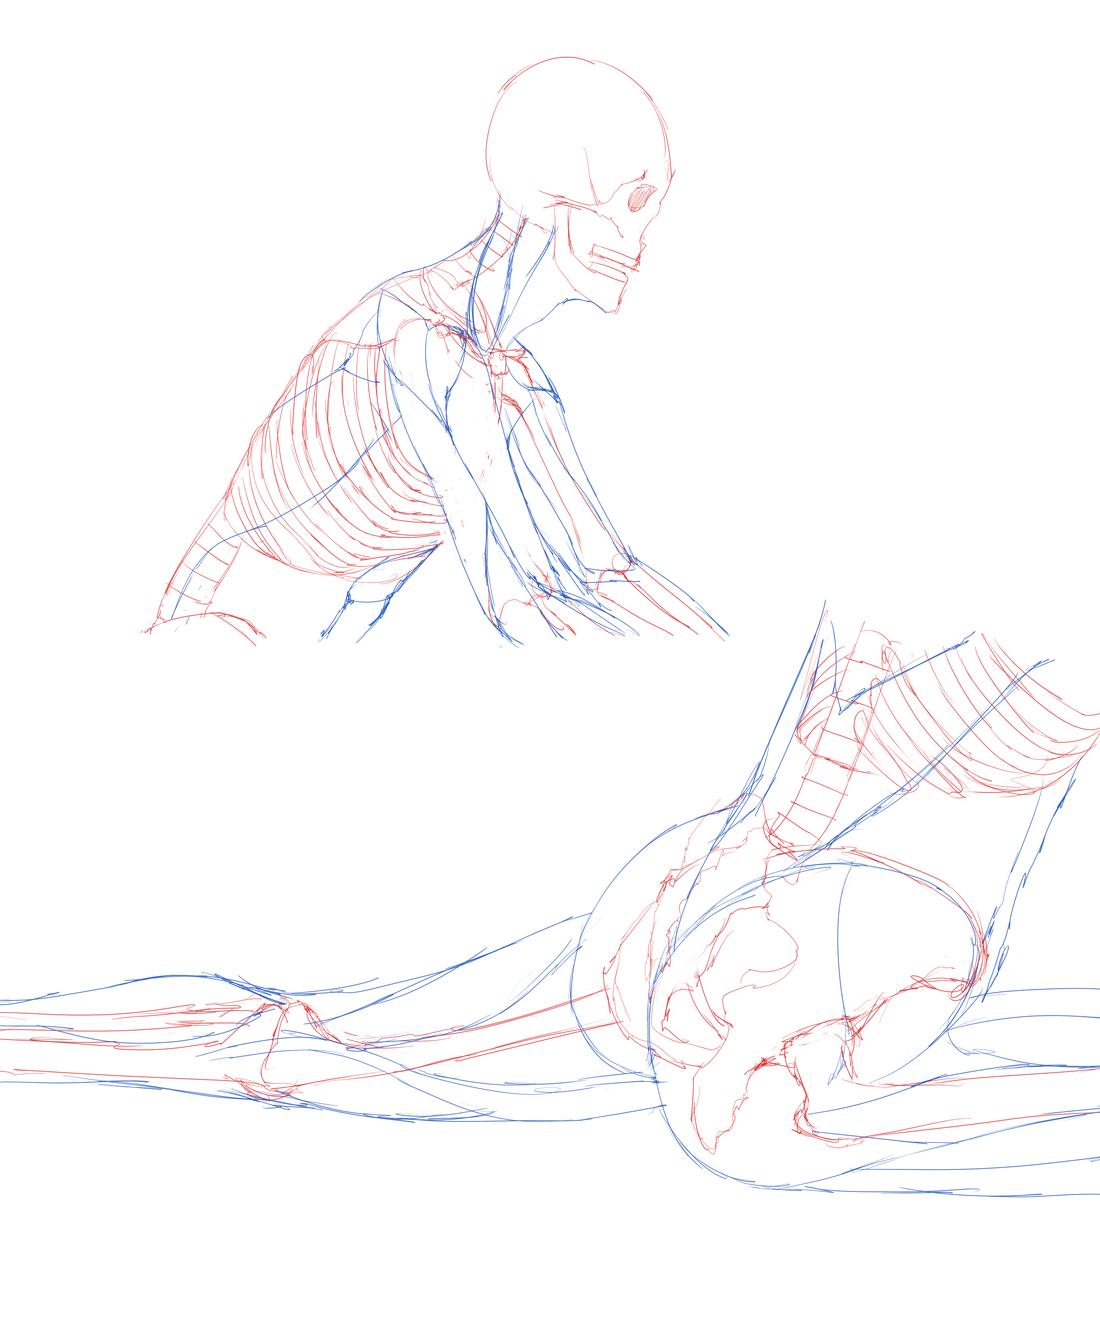 ビキニ女性の画像を下敷きにして骨格を描き入れる